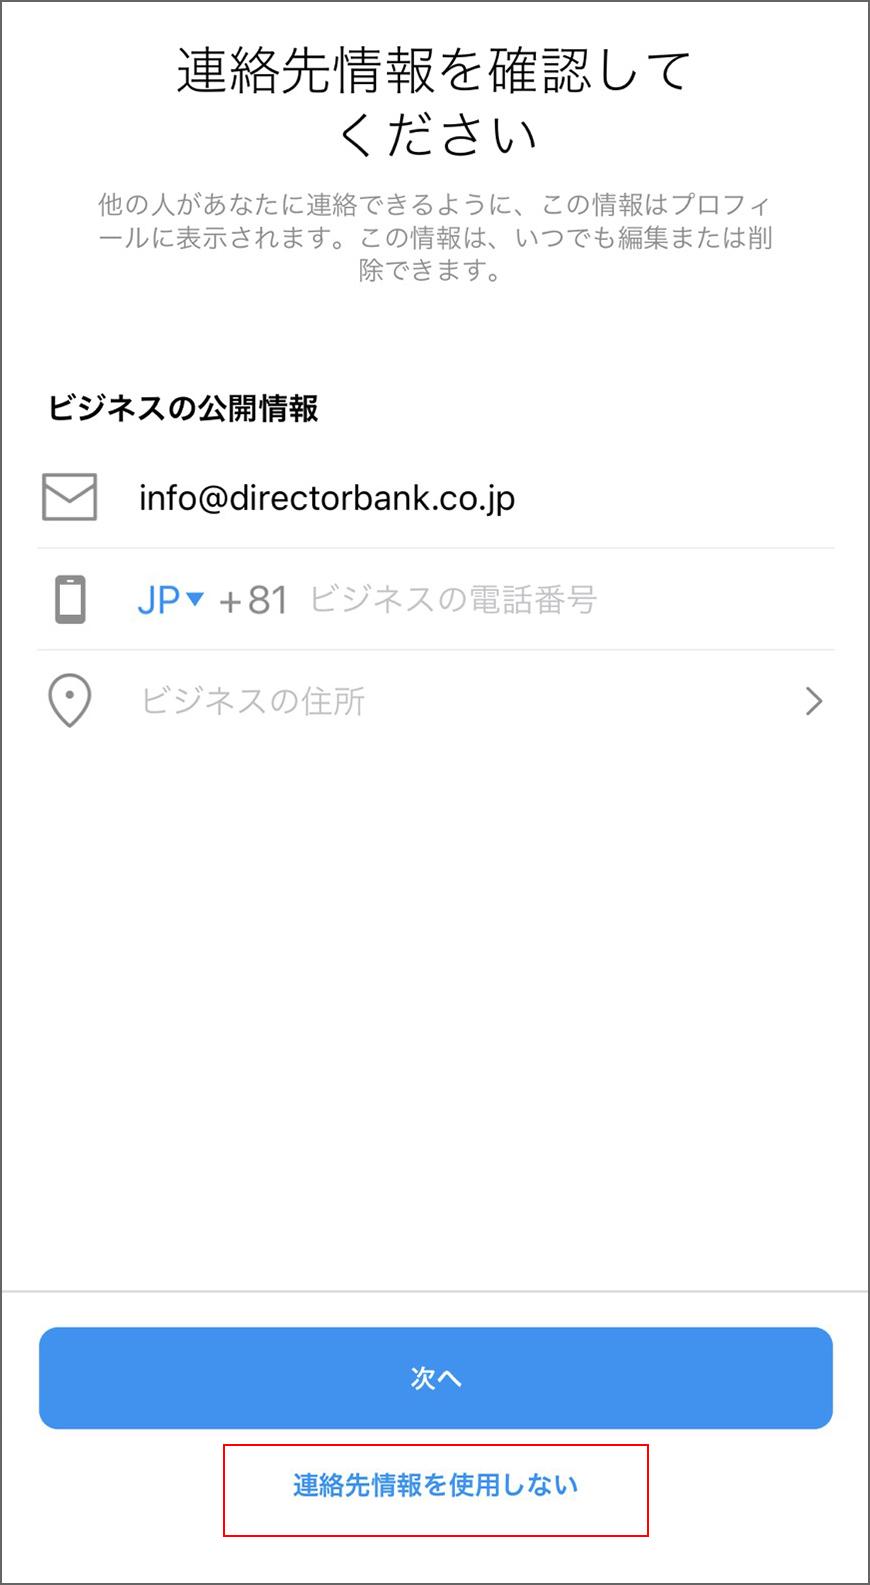 インスタ登録_連絡先